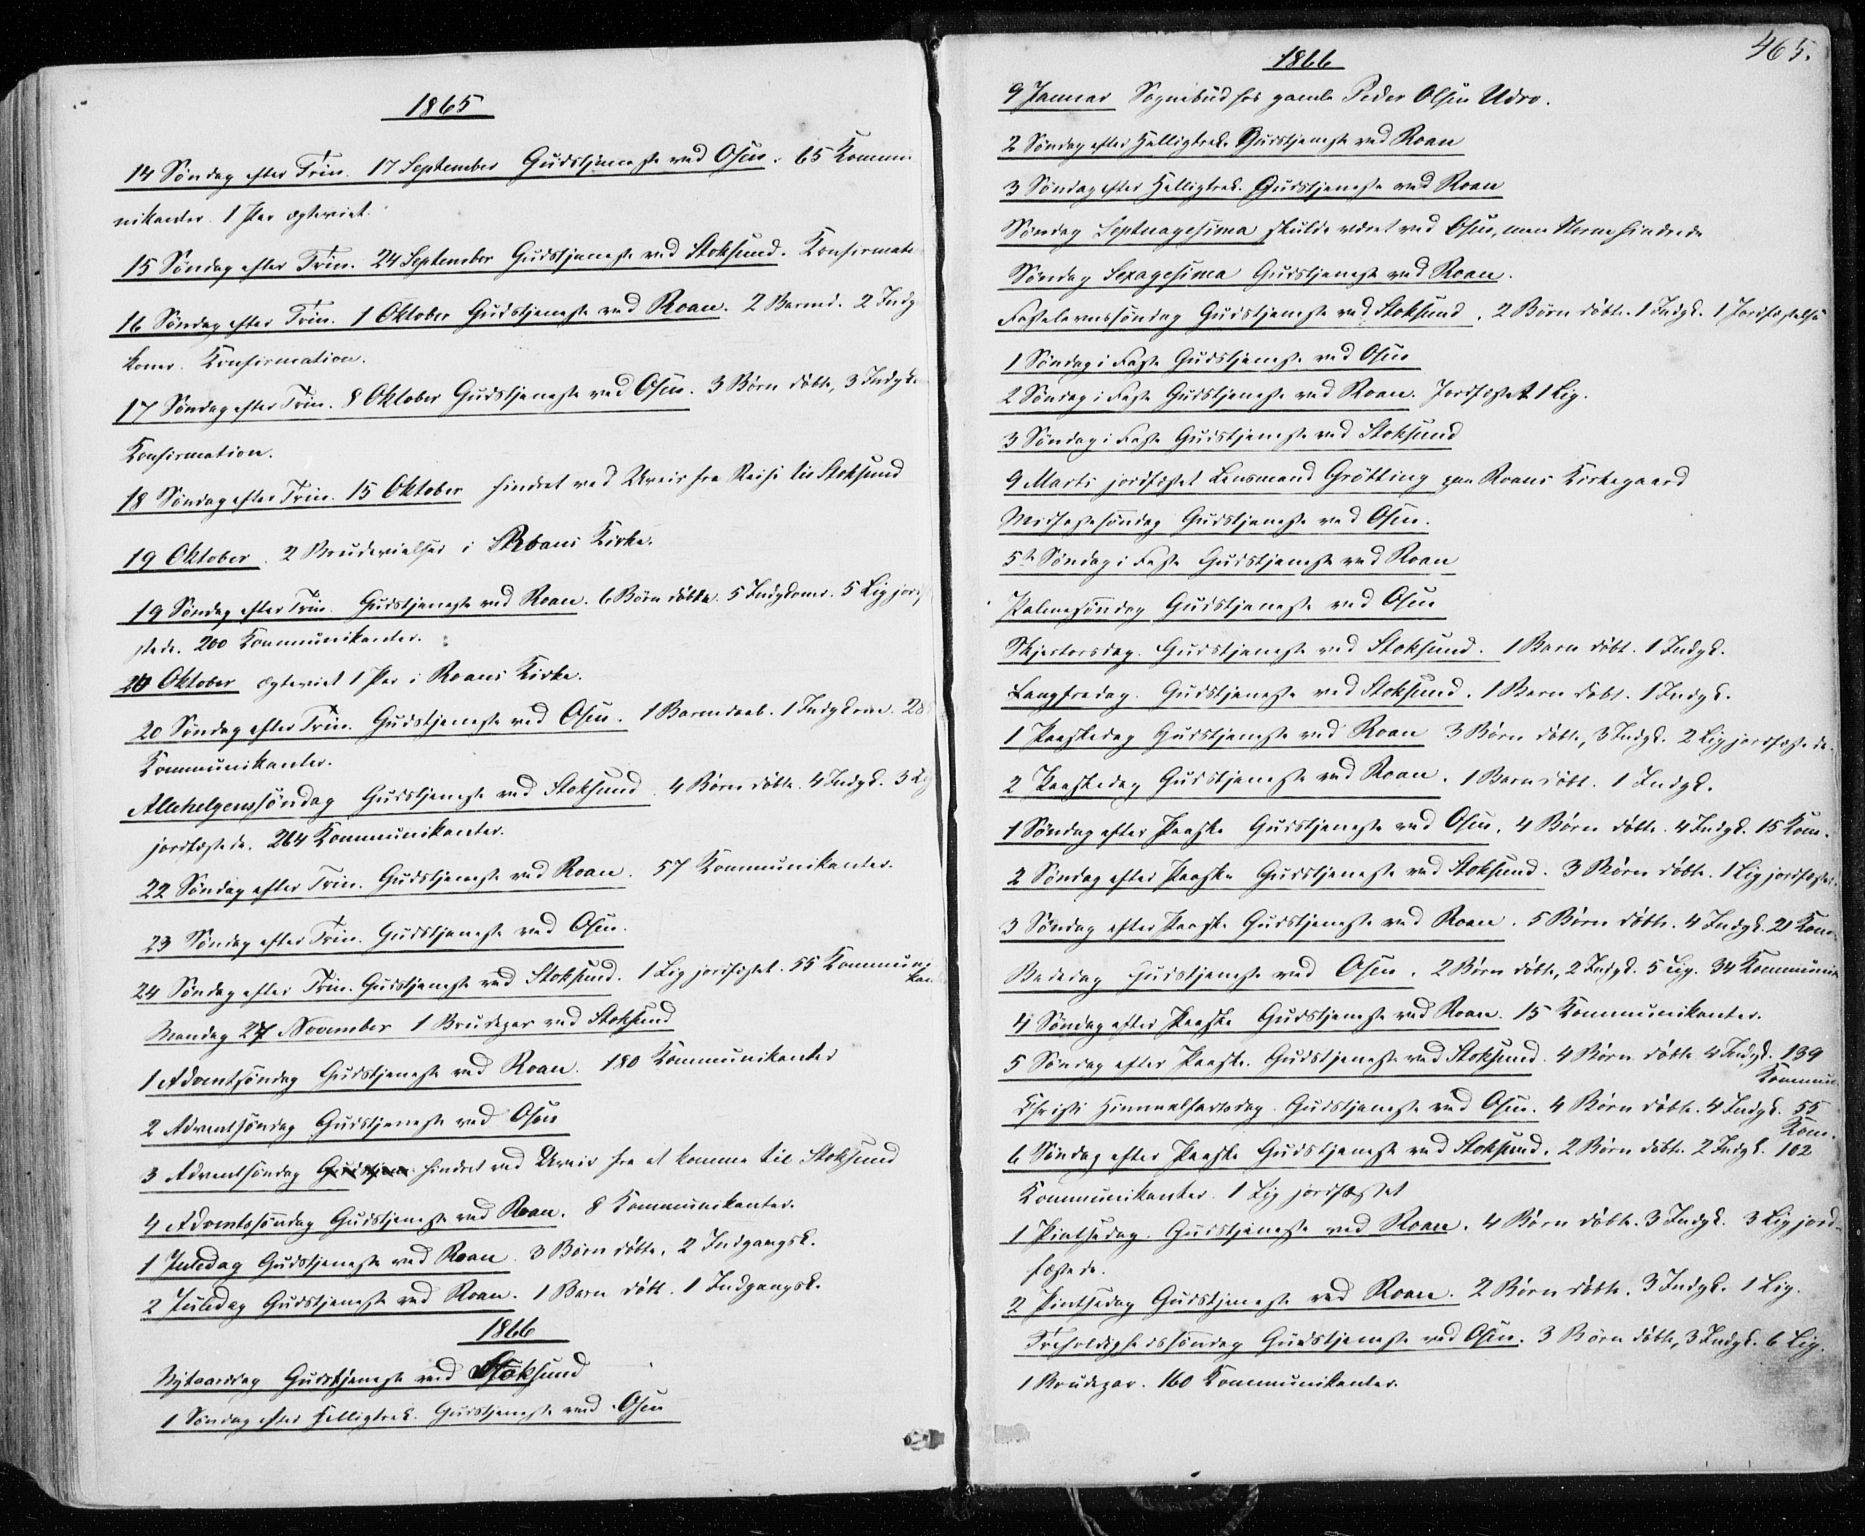 SAT, Ministerialprotokoller, klokkerbøker og fødselsregistre - Sør-Trøndelag, 657/L0705: Ministerialbok nr. 657A06, 1858-1867, s. 465